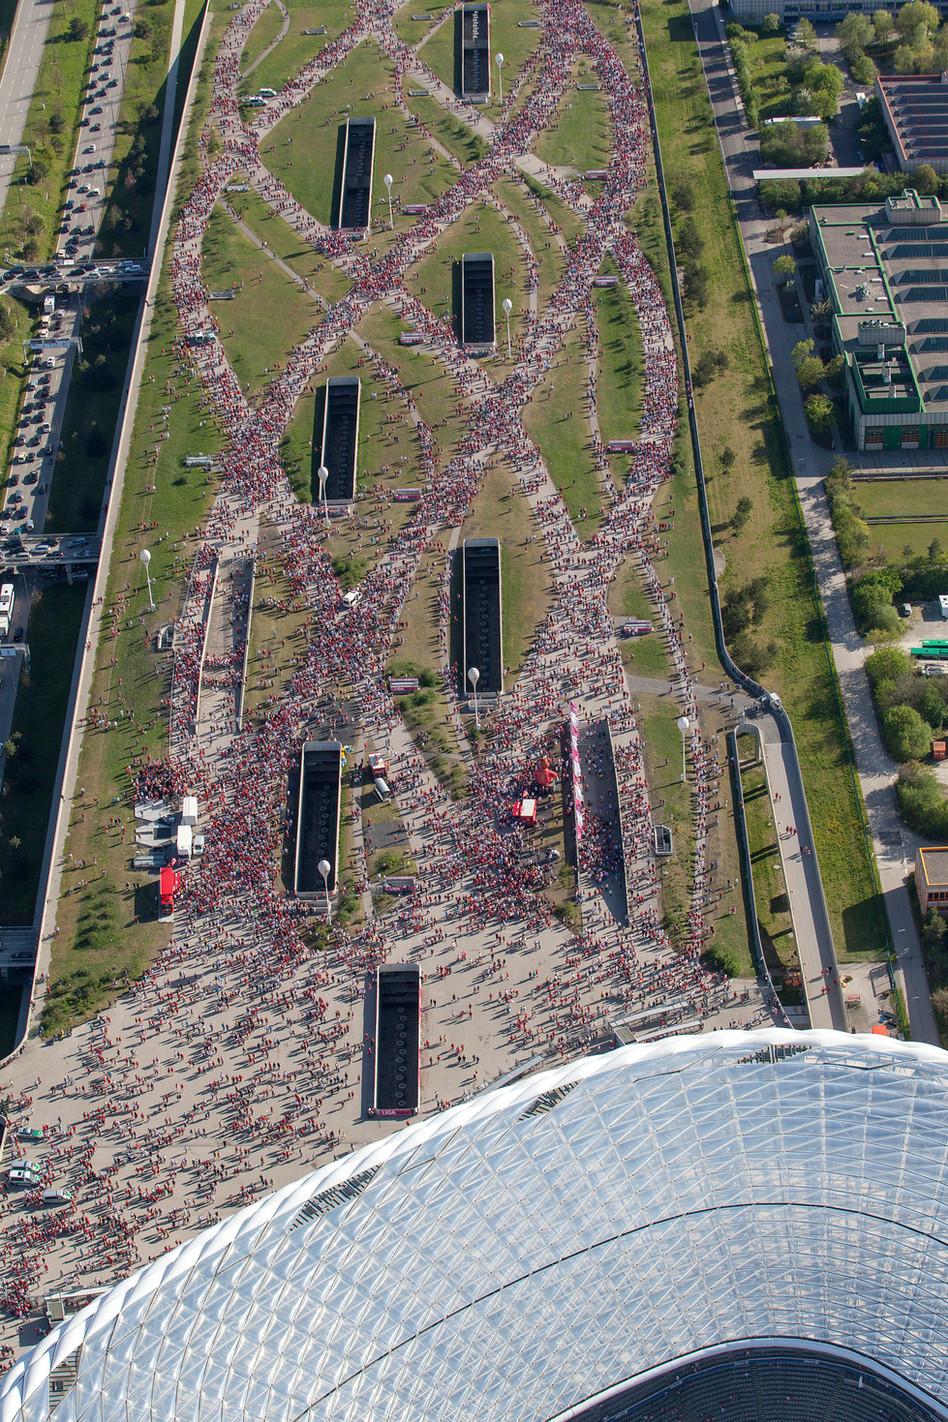 Allianz Arena, Süddeutsche Zeitung